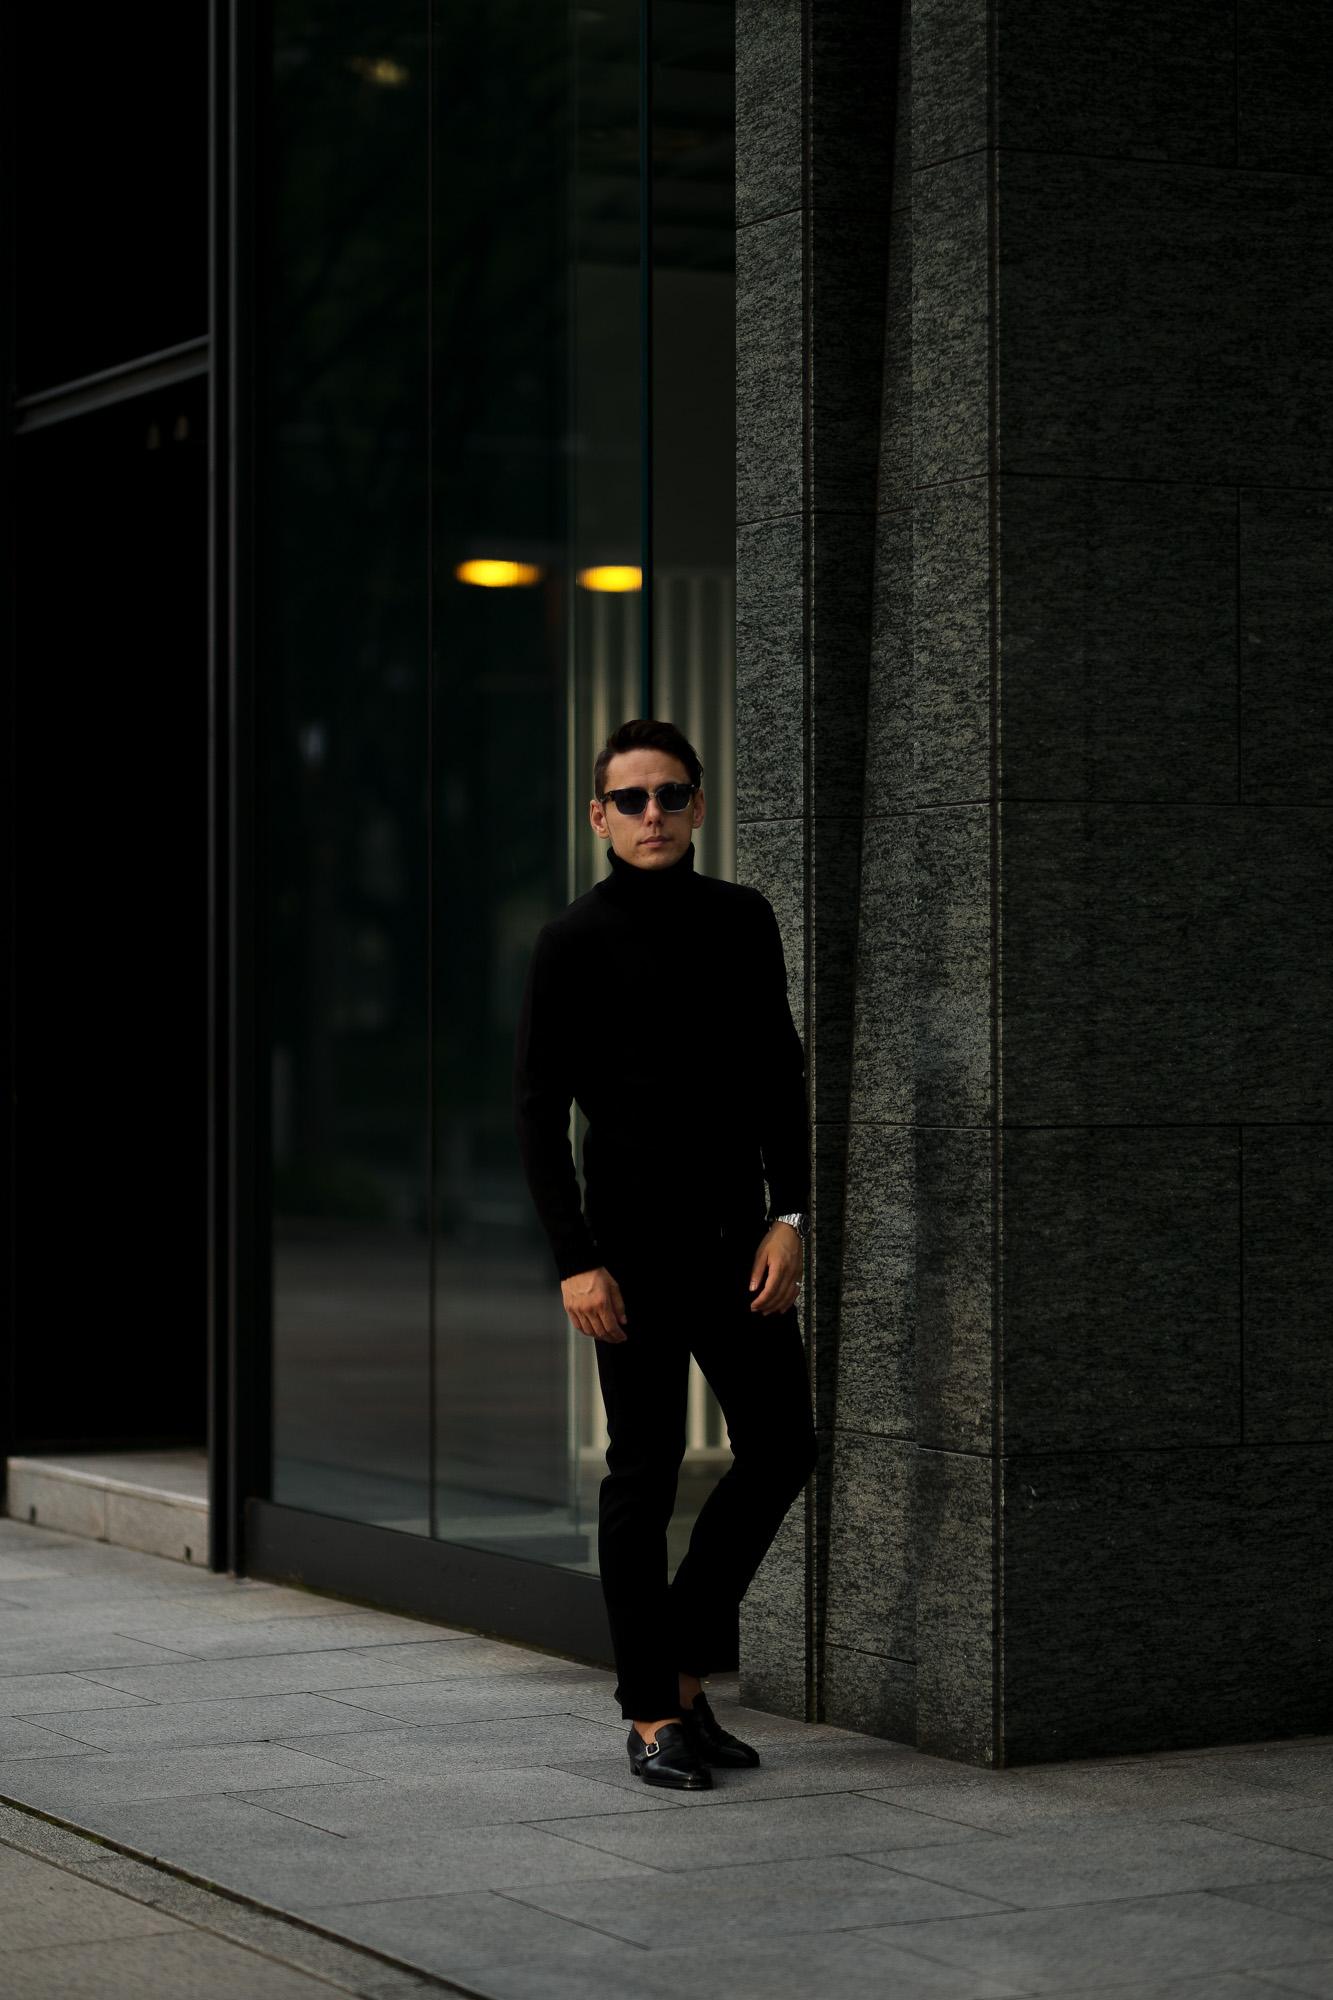 ZANONE(ザノーネ) Turtle Neck Sweater (タートルネックセーター) VIRGIN WOOL 100% ミドルゲージ ウールニット セーター BLACK (ブラック・Z0015) made in italy (イタリア製) 2020 秋冬 【ご予約受付中】愛知 名古屋 altoediritto アルトエデリット タートル